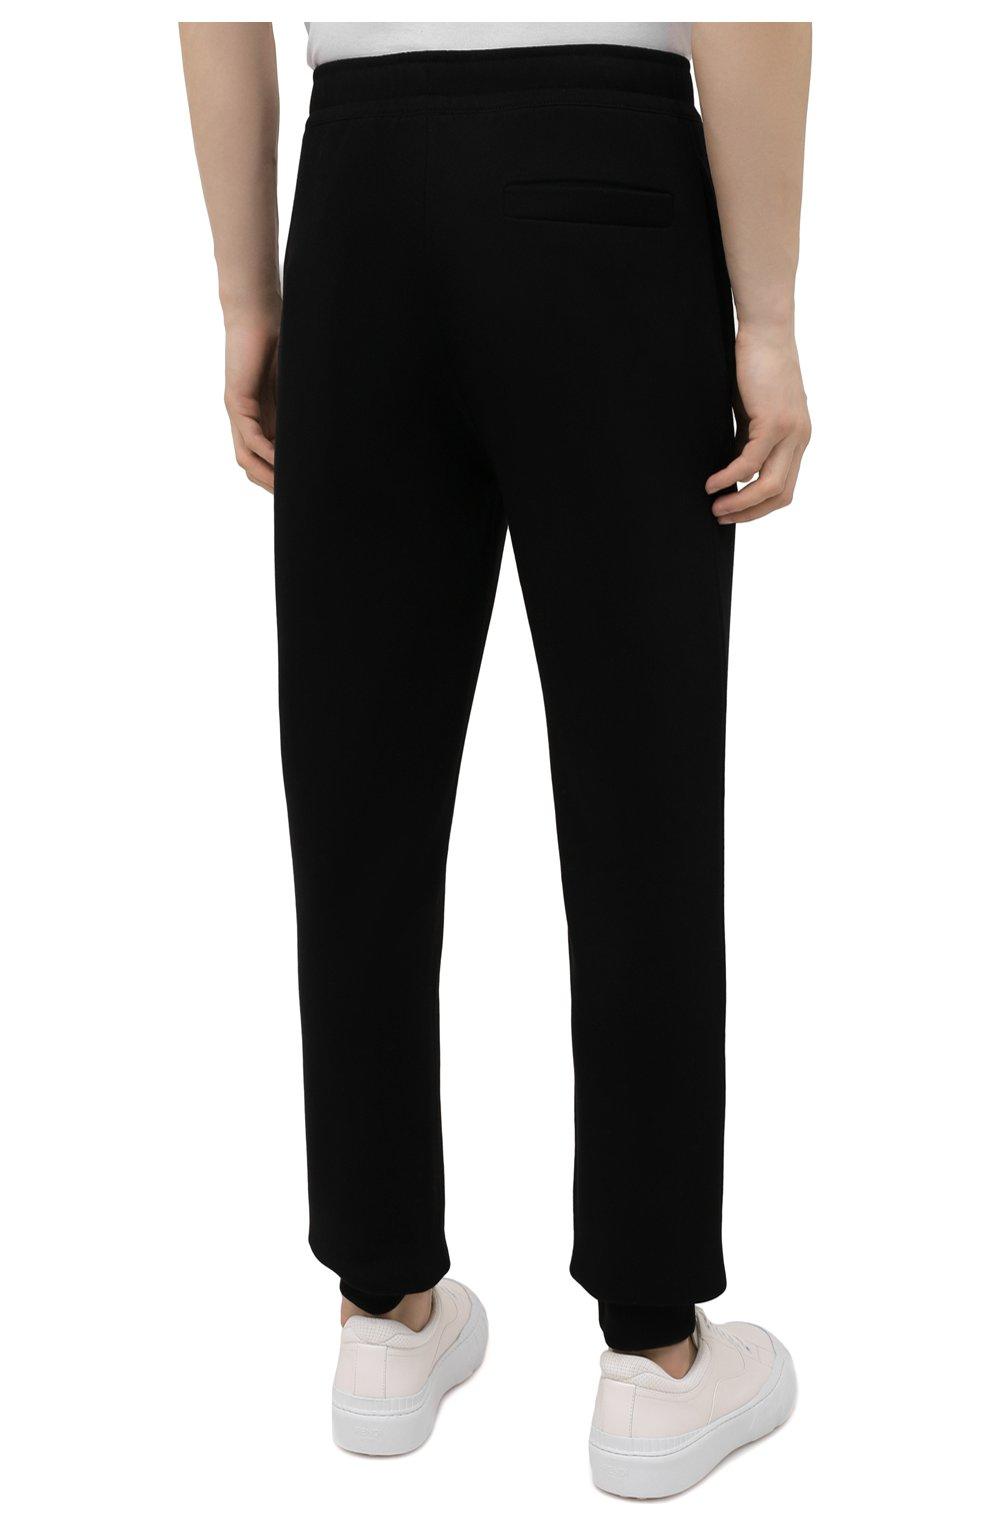 Мужские хлопковые джоггеры BURBERRY черного цвета, арт. 8042235 | Фото 4 (Мужское Кросс-КТ: Брюки-трикотаж; Длина (брюки, джинсы): Стандартные; Материал внешний: Хлопок; Стили: Спорт-шик; Силуэт М (брюки): Джоггеры)